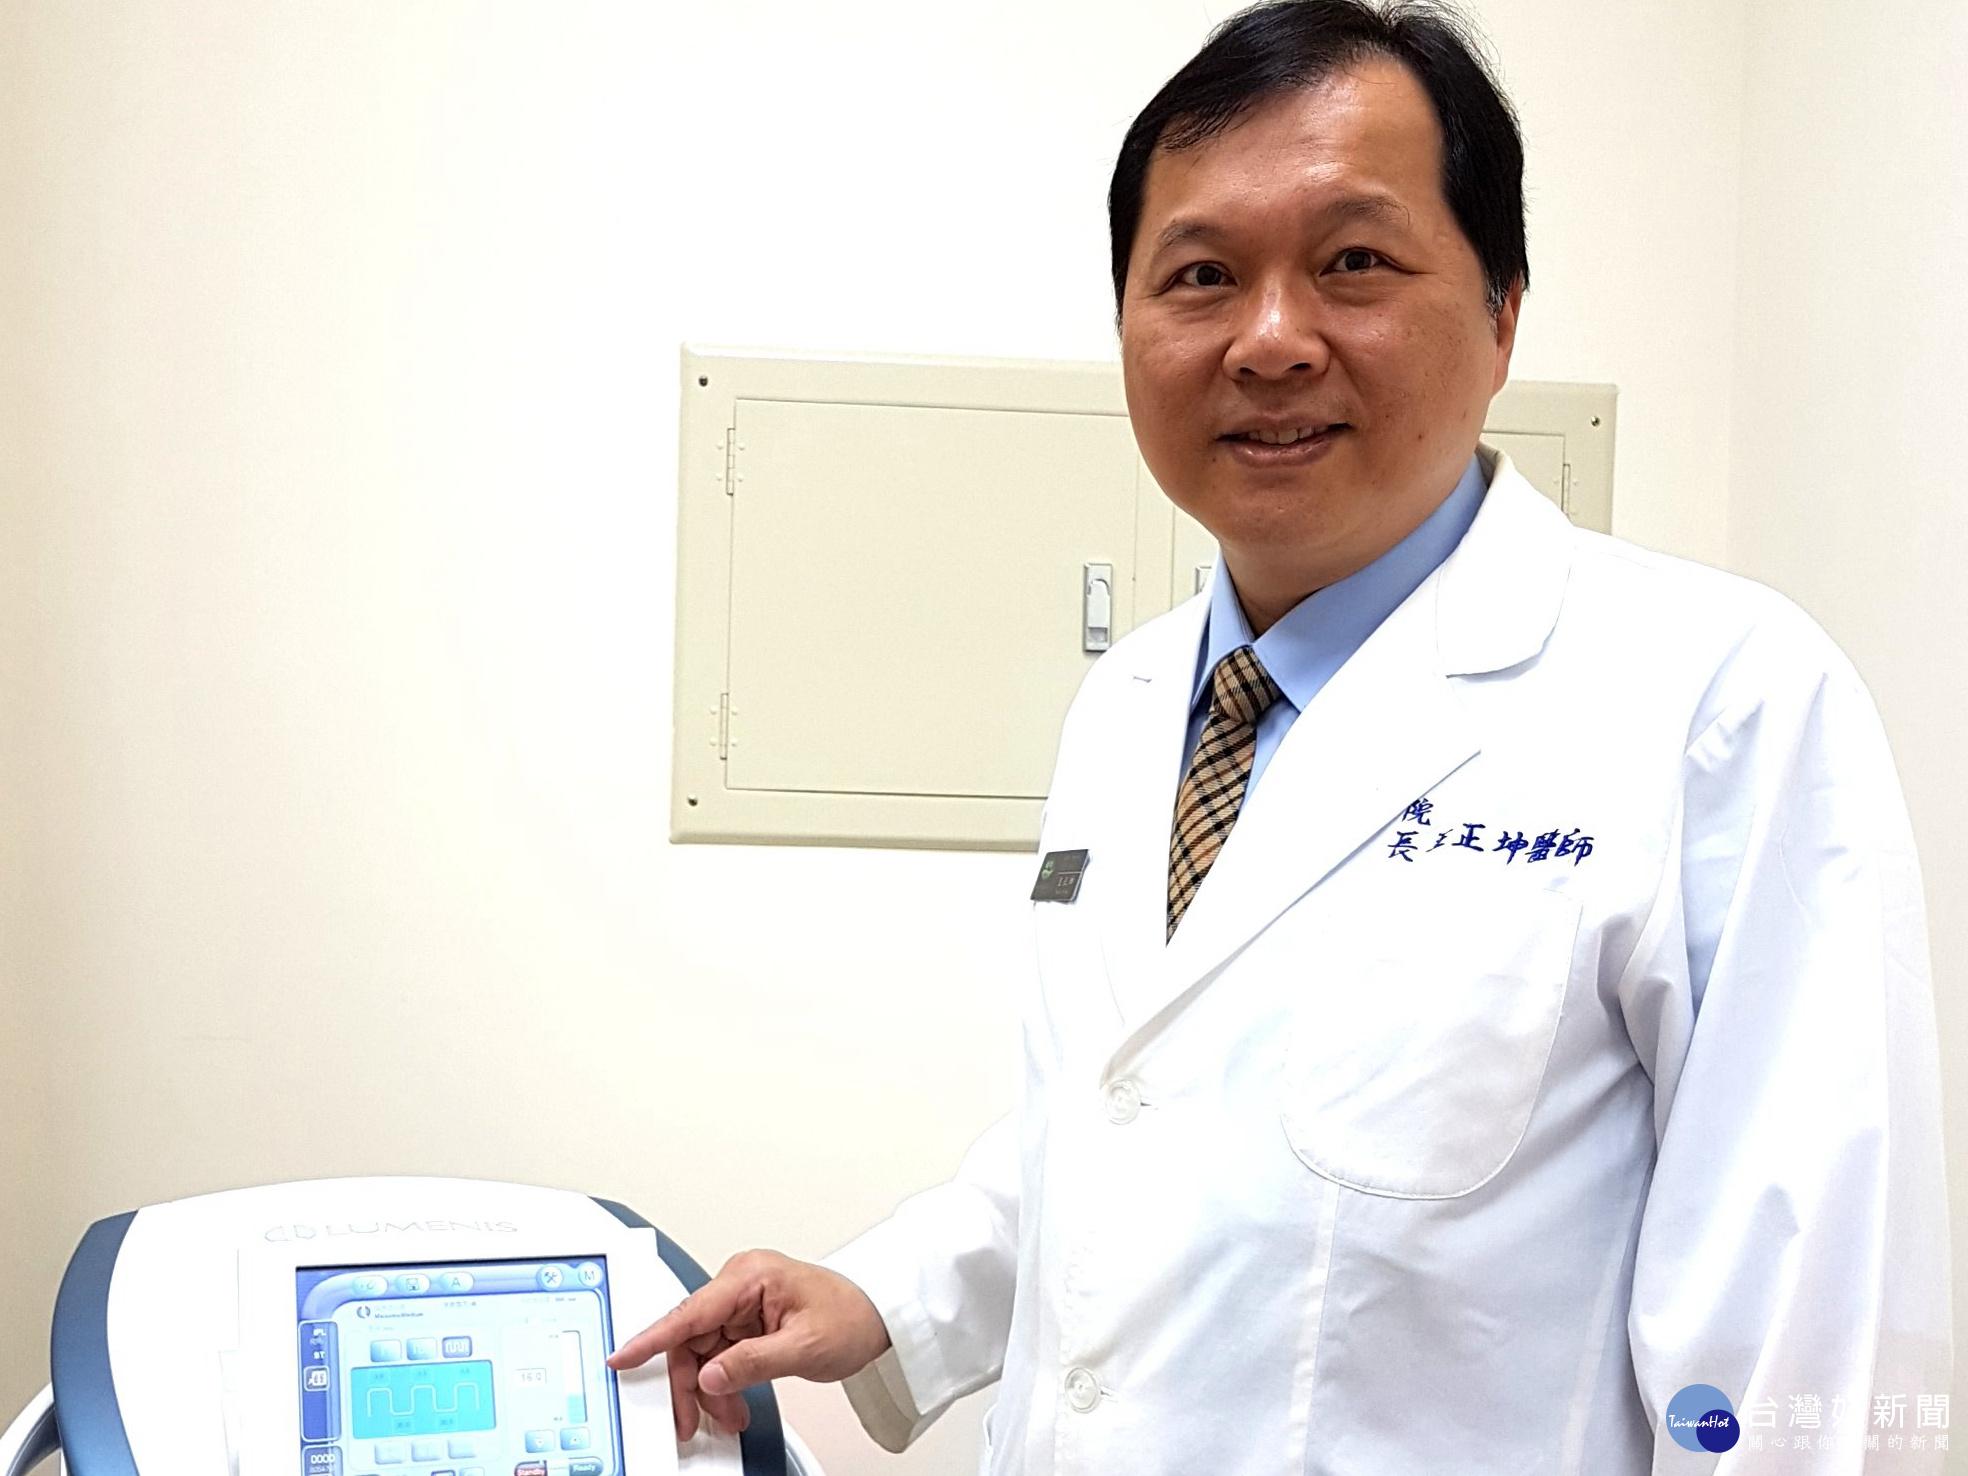 預防臉部脈衝光燙傷 醫用雷射學會籲醫師須先說明燙傷副作用